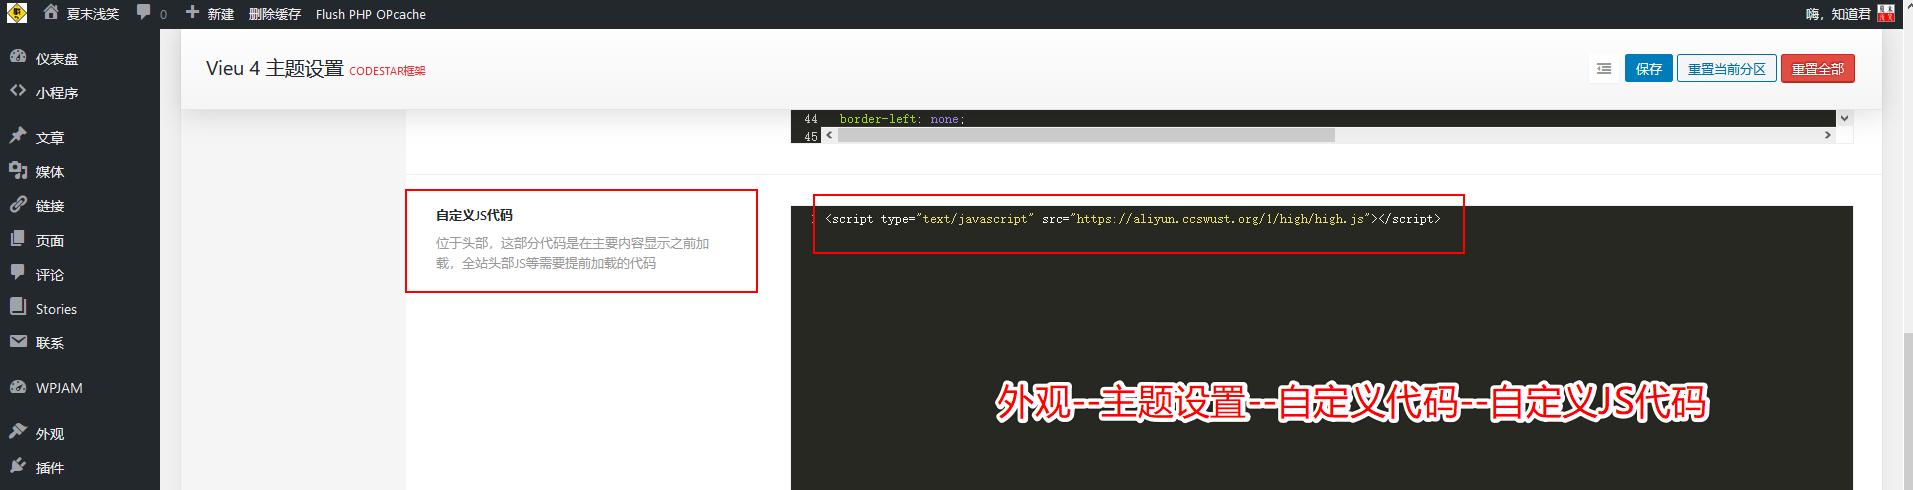 vieu4.5主题添加High一下功能,其他wordpress主题按理通用。